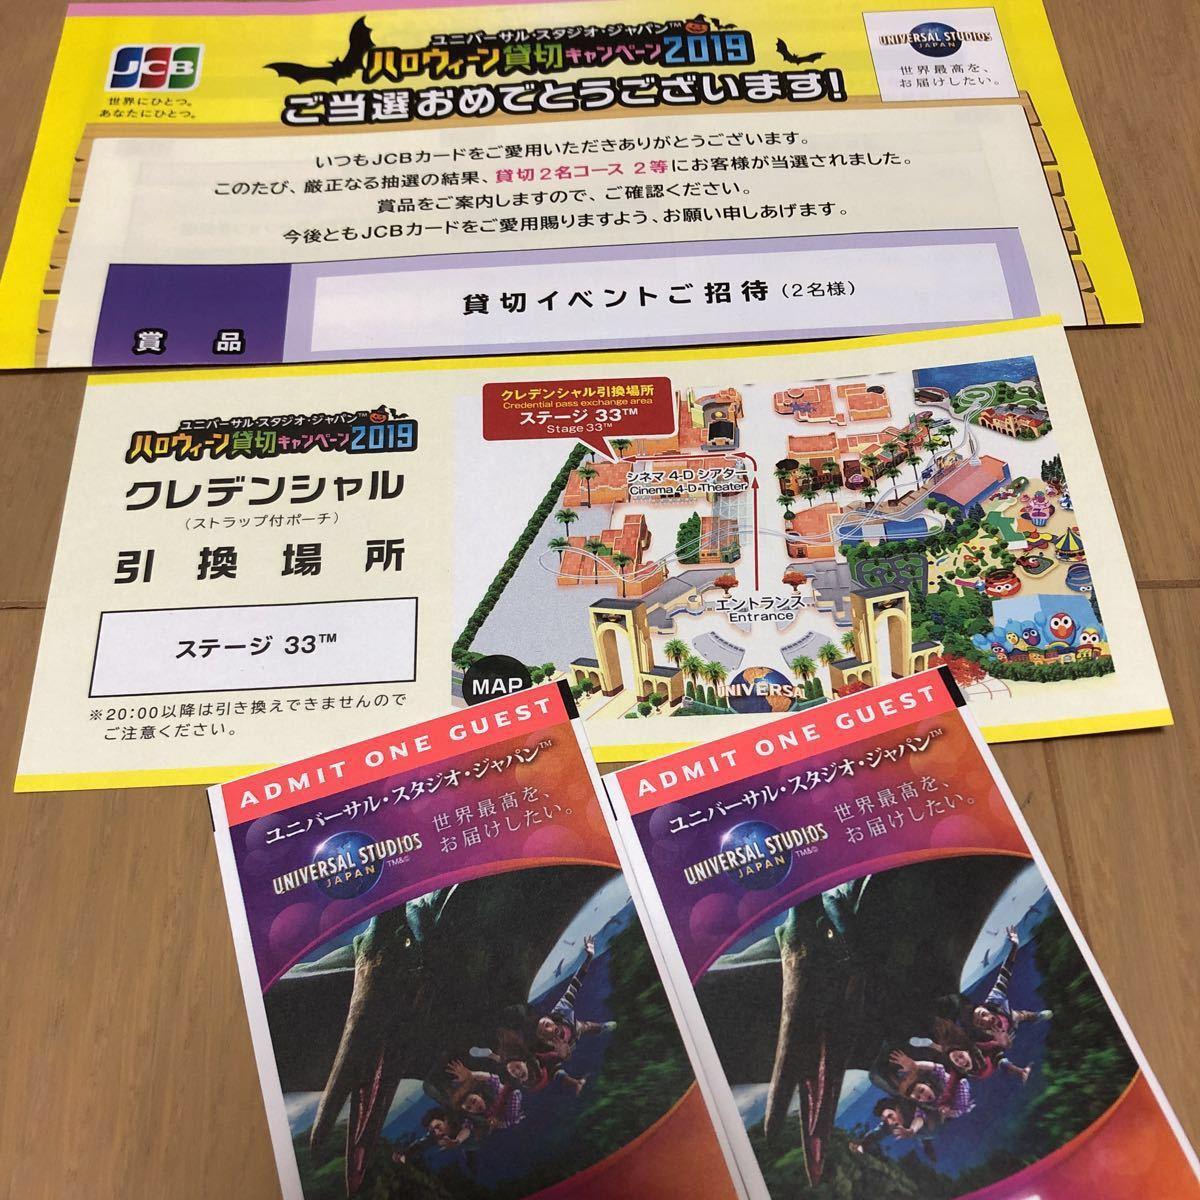 【送料無料】9/6 USJ 貸切チケット2枚JCBハロウィン貸切キャンペーン2019ユニバーサルスタジオジャパン